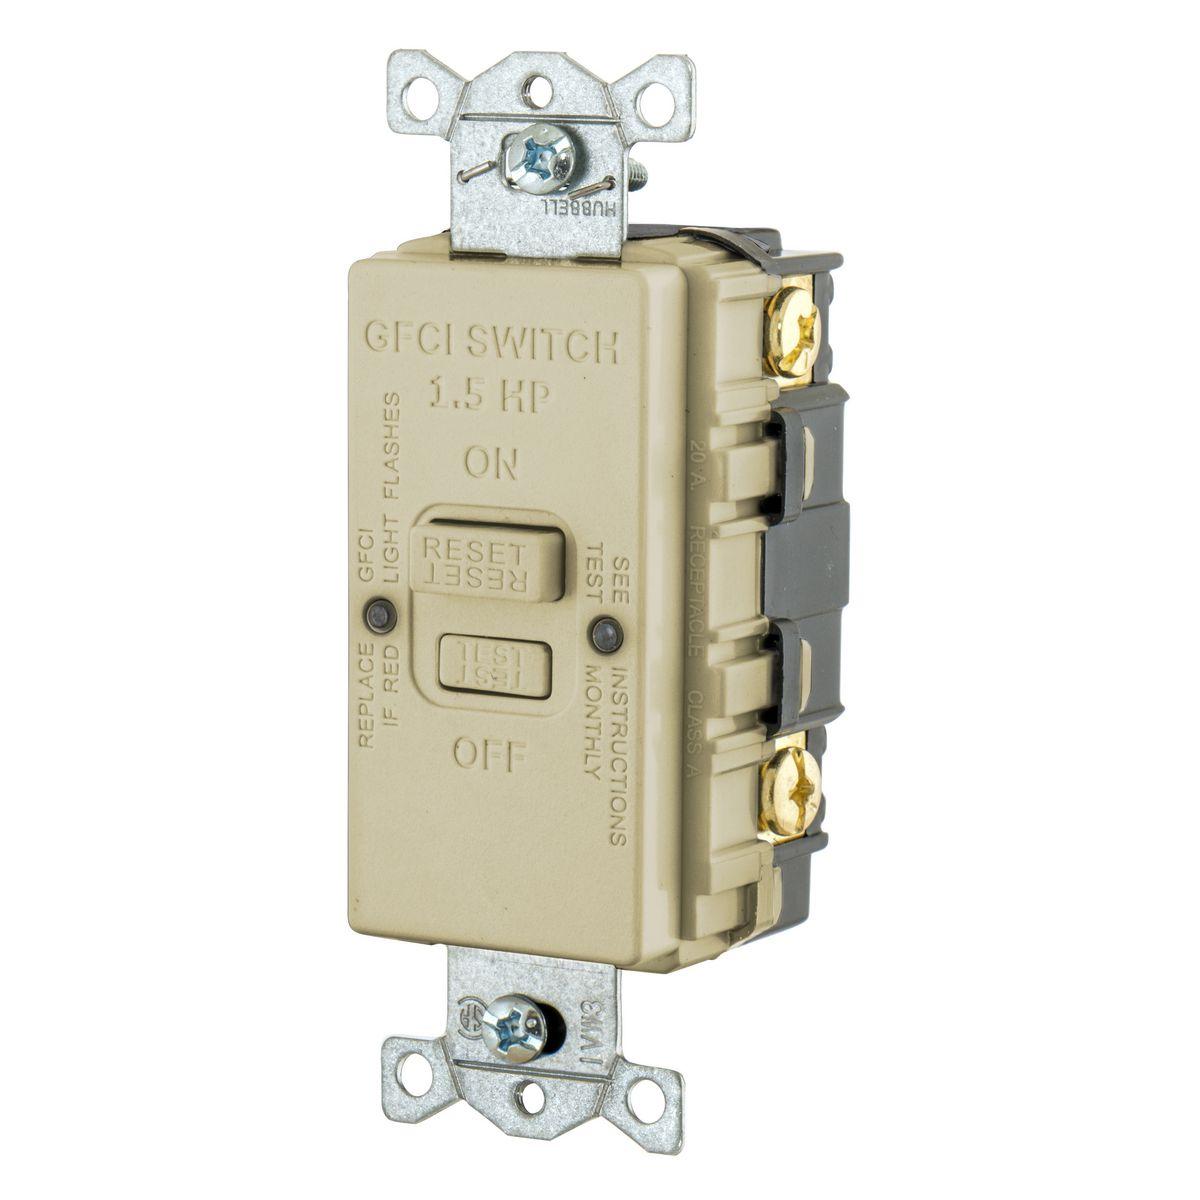 20A 125V BLANK FACE GFCI HP IVORY